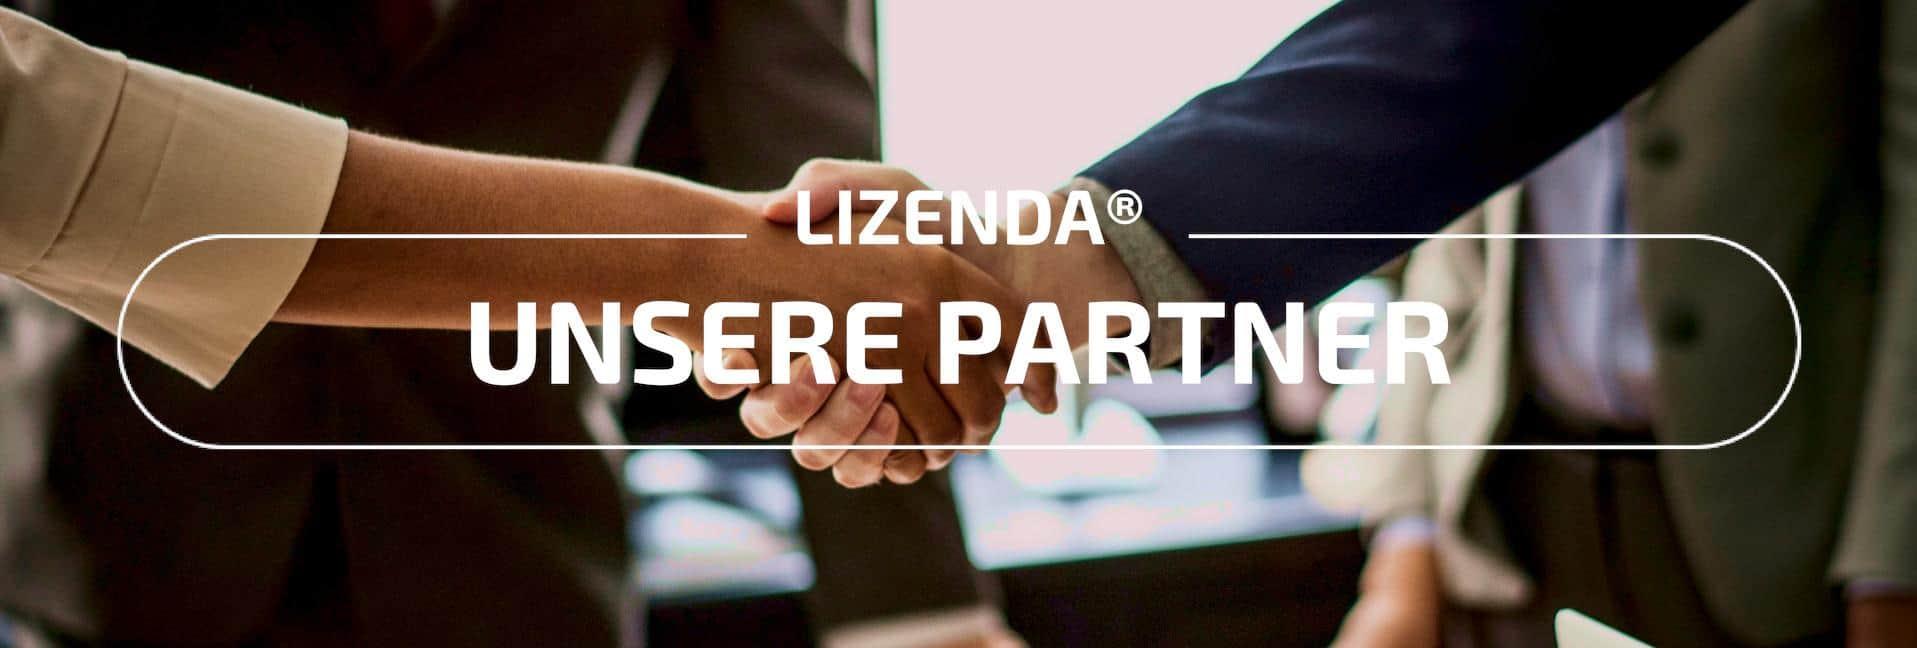 unsere Partner_Überschrift